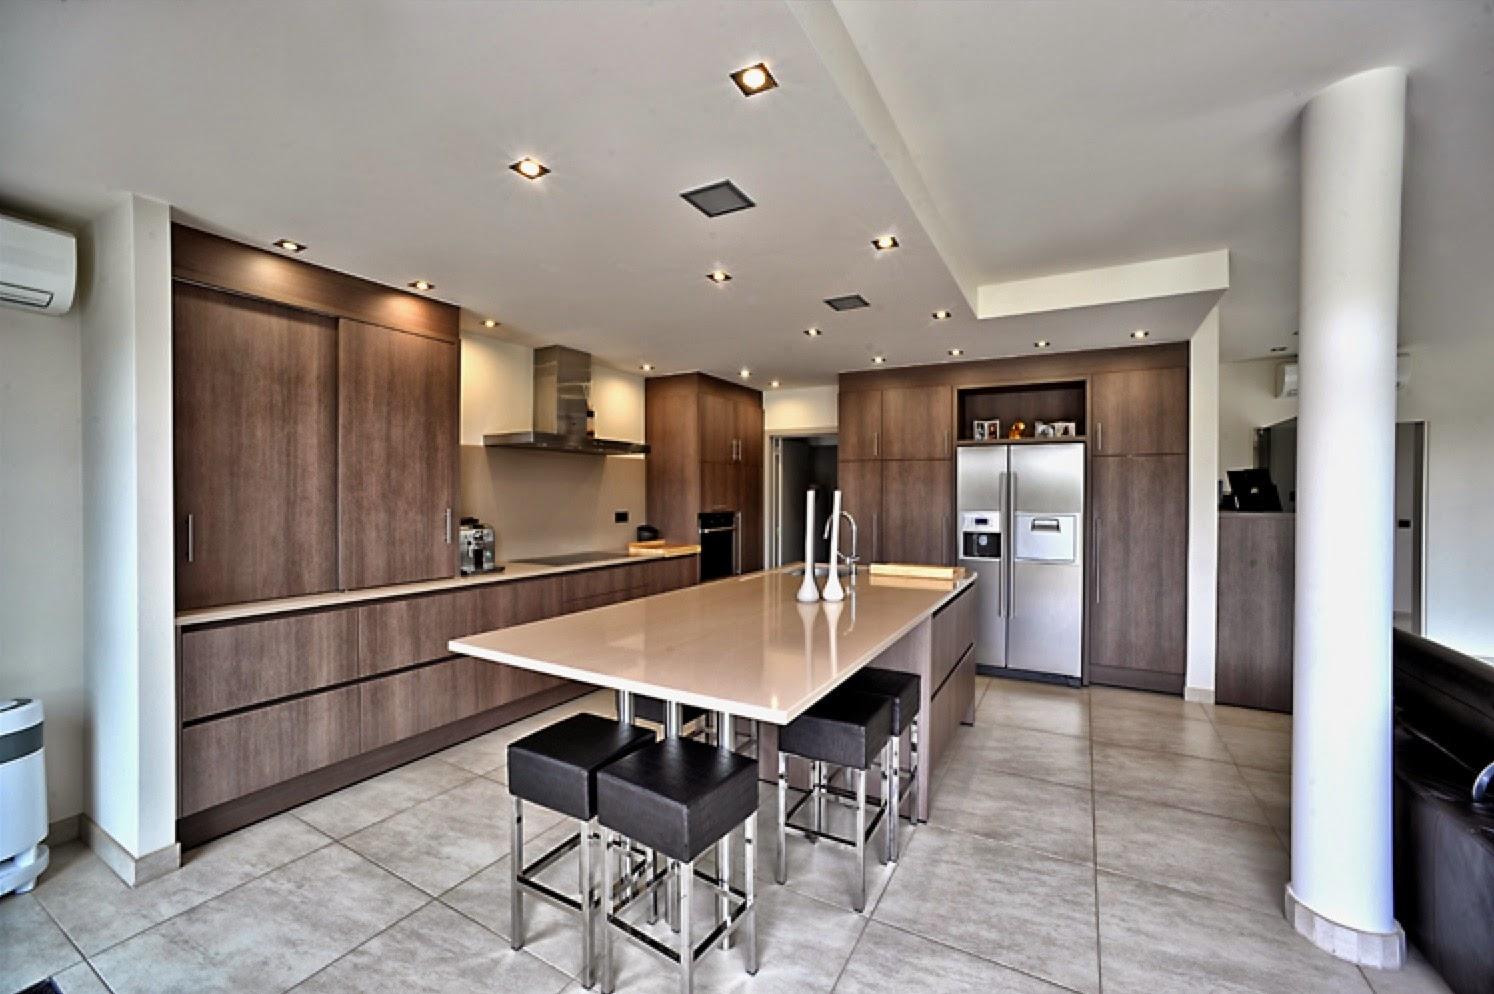 keukens tot stijlvolle klassieke keukens met ons ruim aanbod van ...